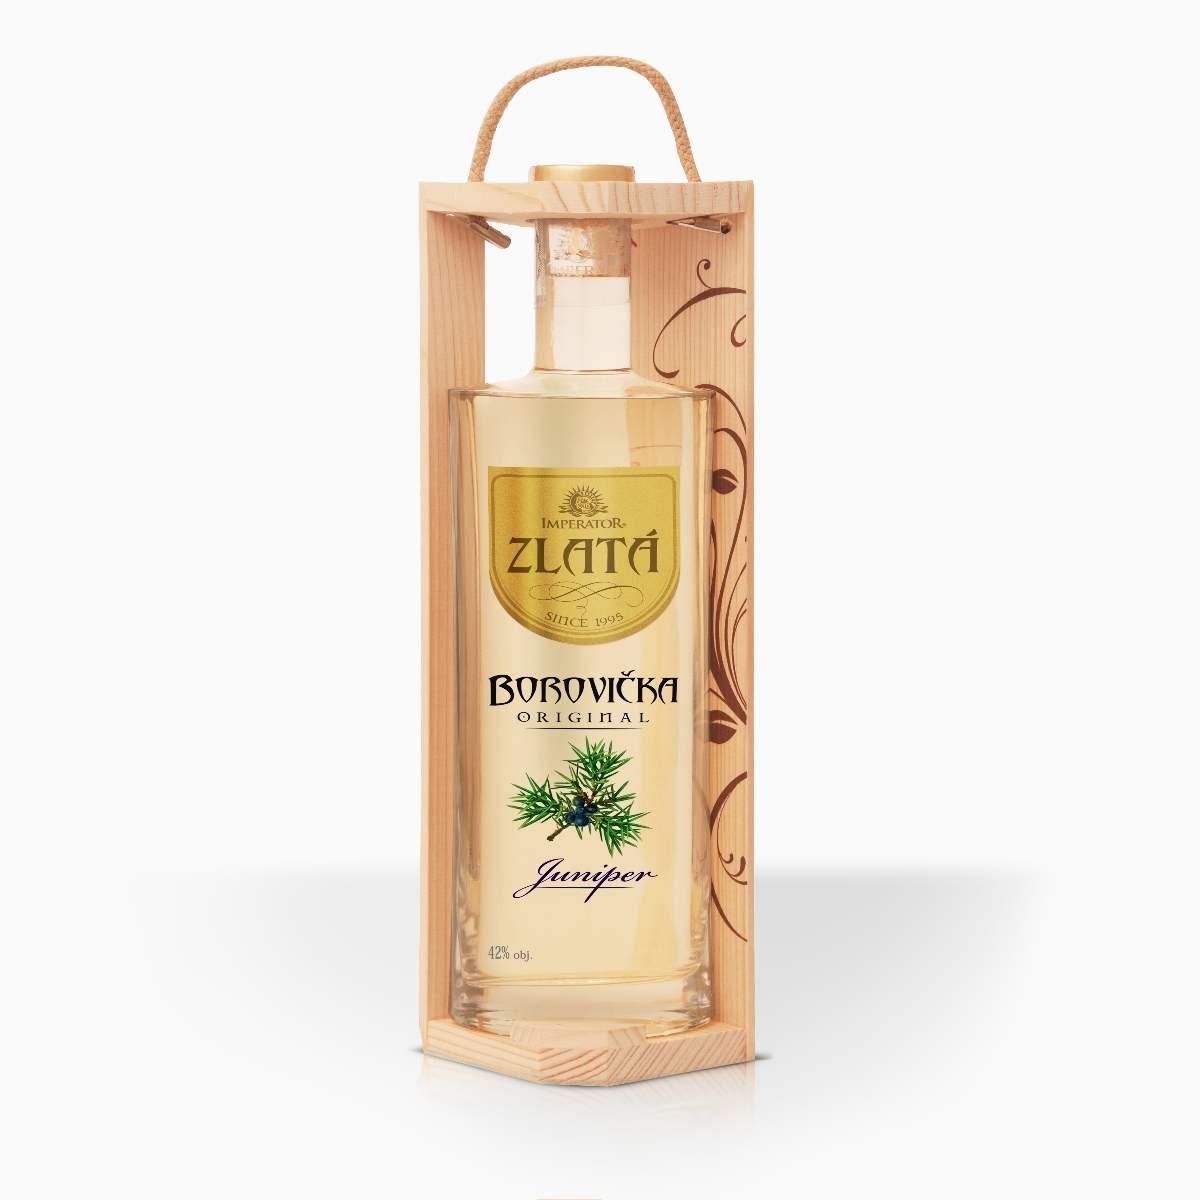 Destilát Imperator borovička Zlata v darčekovej kazete 42% 0,7l